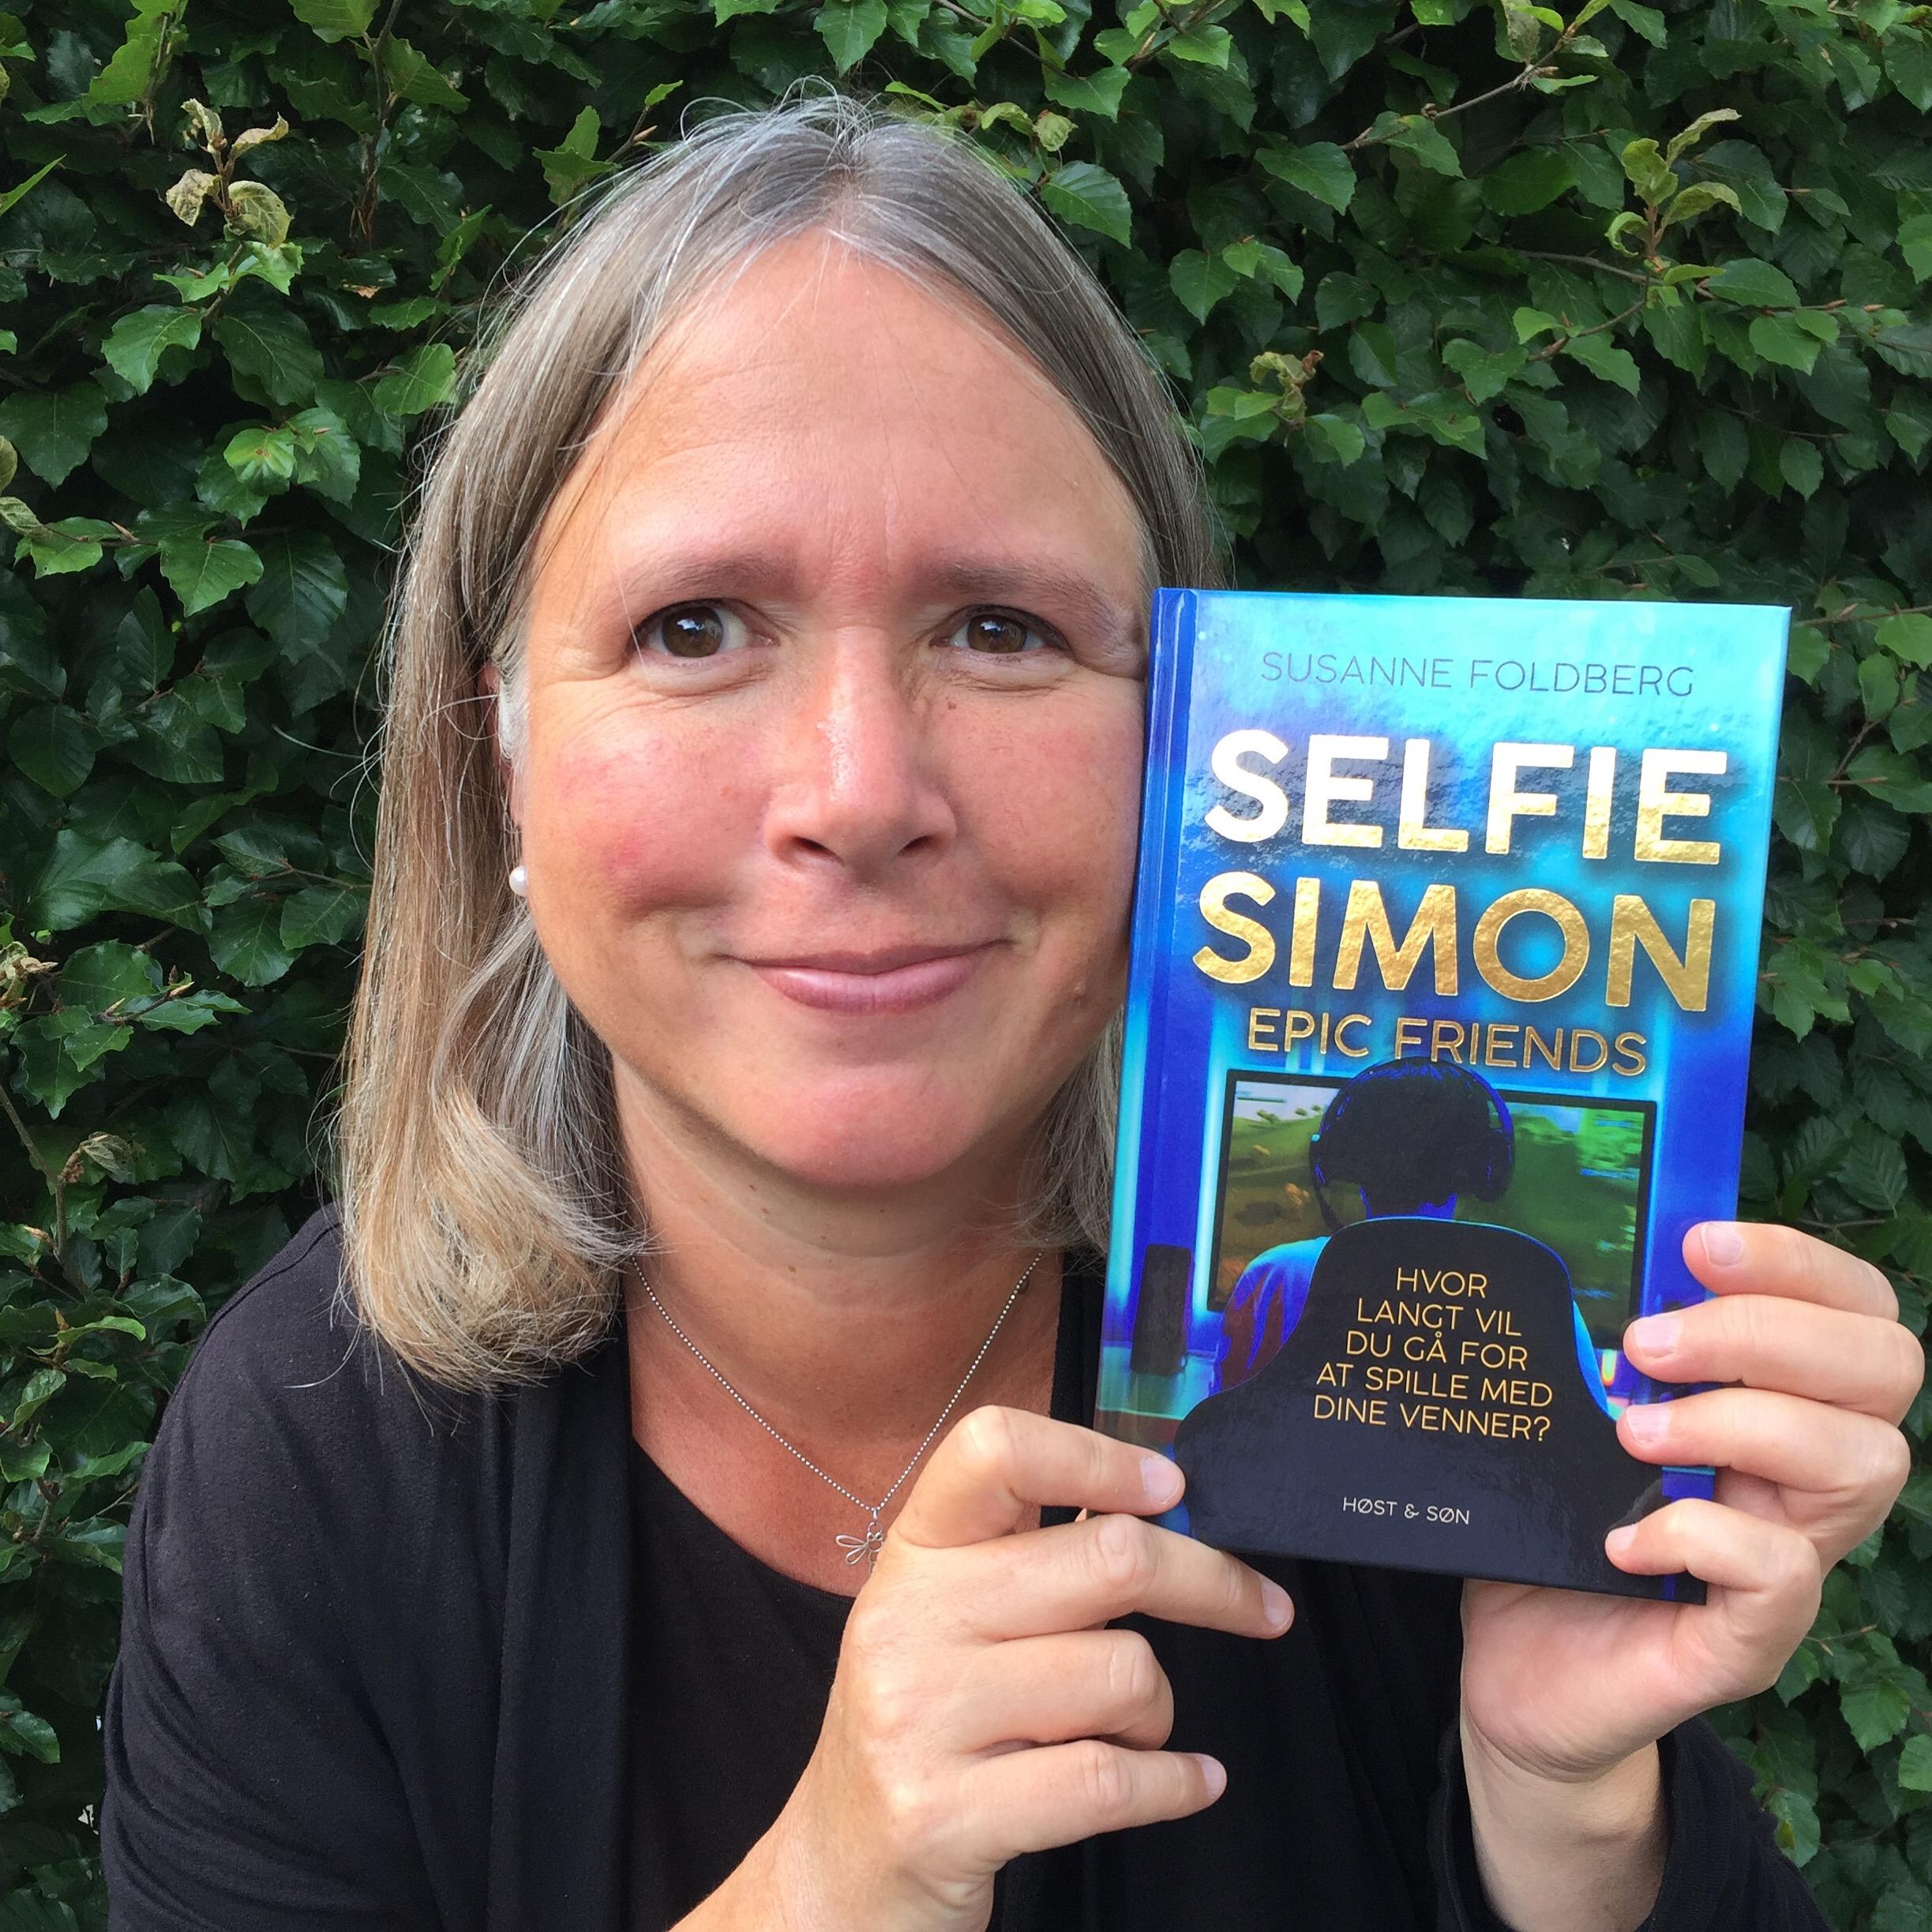 Selfie-Simon Epic Friends